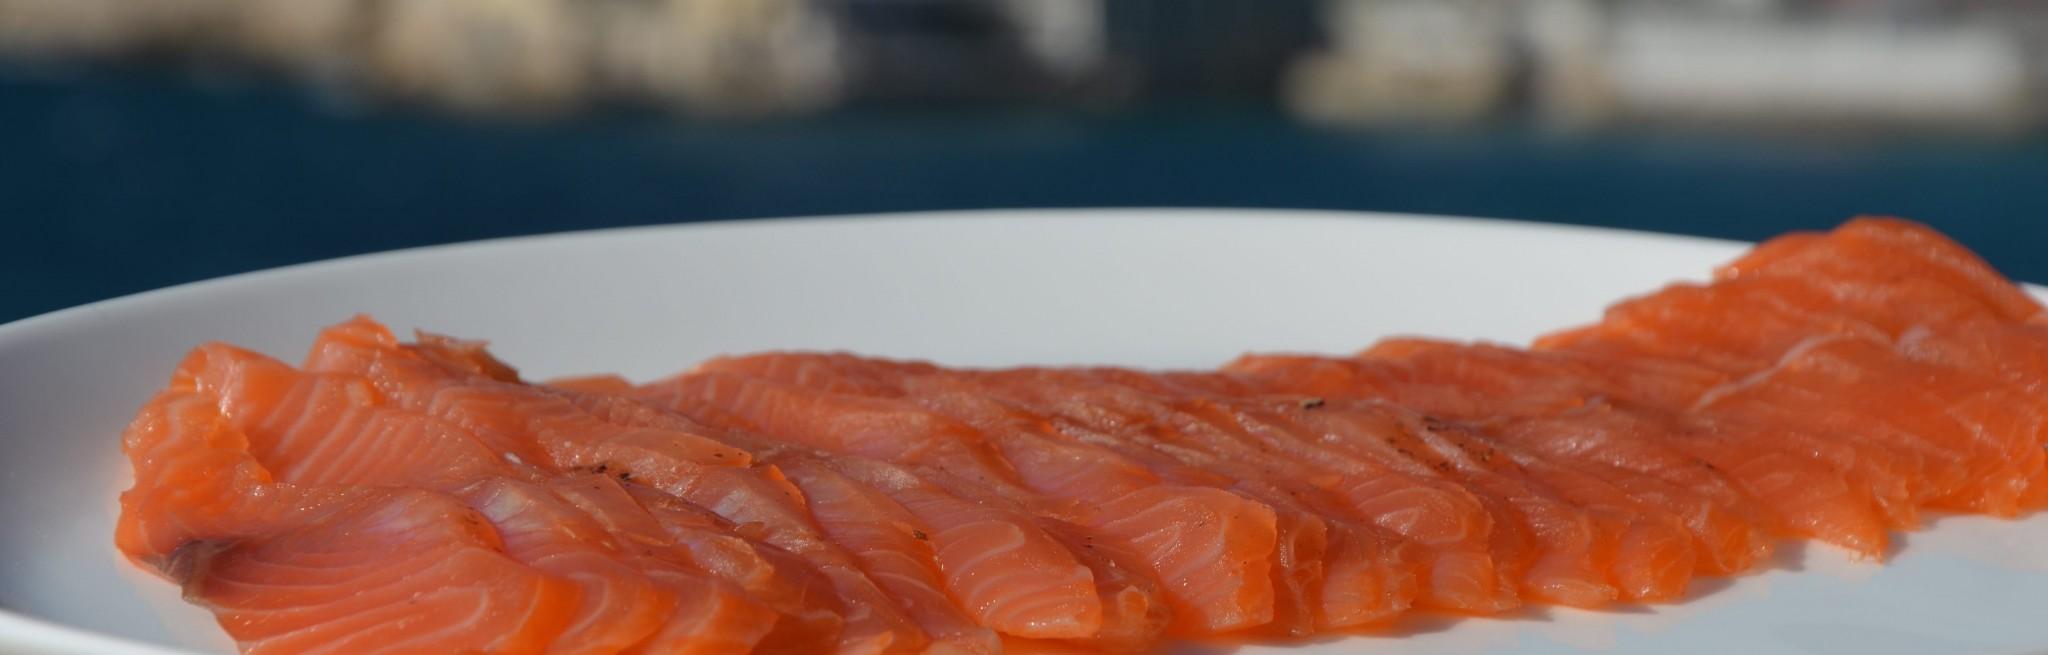 Saumon fumé et poissons fumés – Maison Matthieu